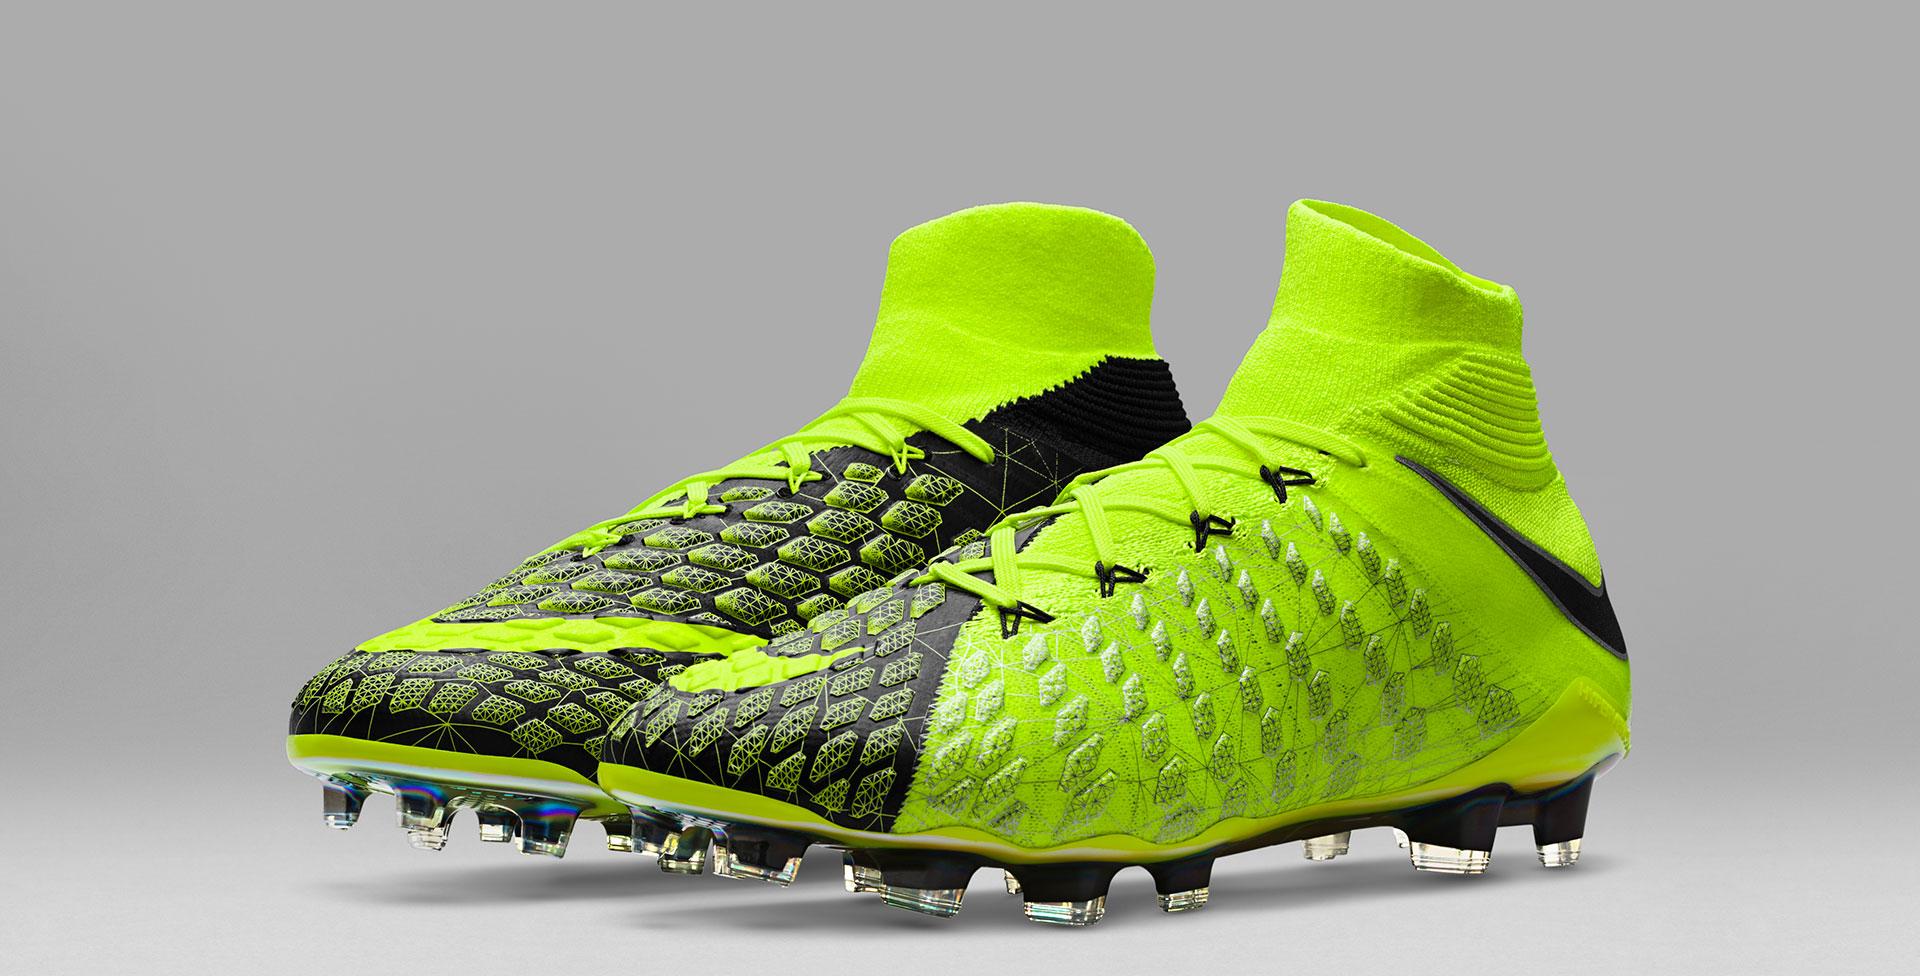 ad9aabb7c Les Nike X EA Sports Hypervenom 3 vont mettre le feu sur les terrains